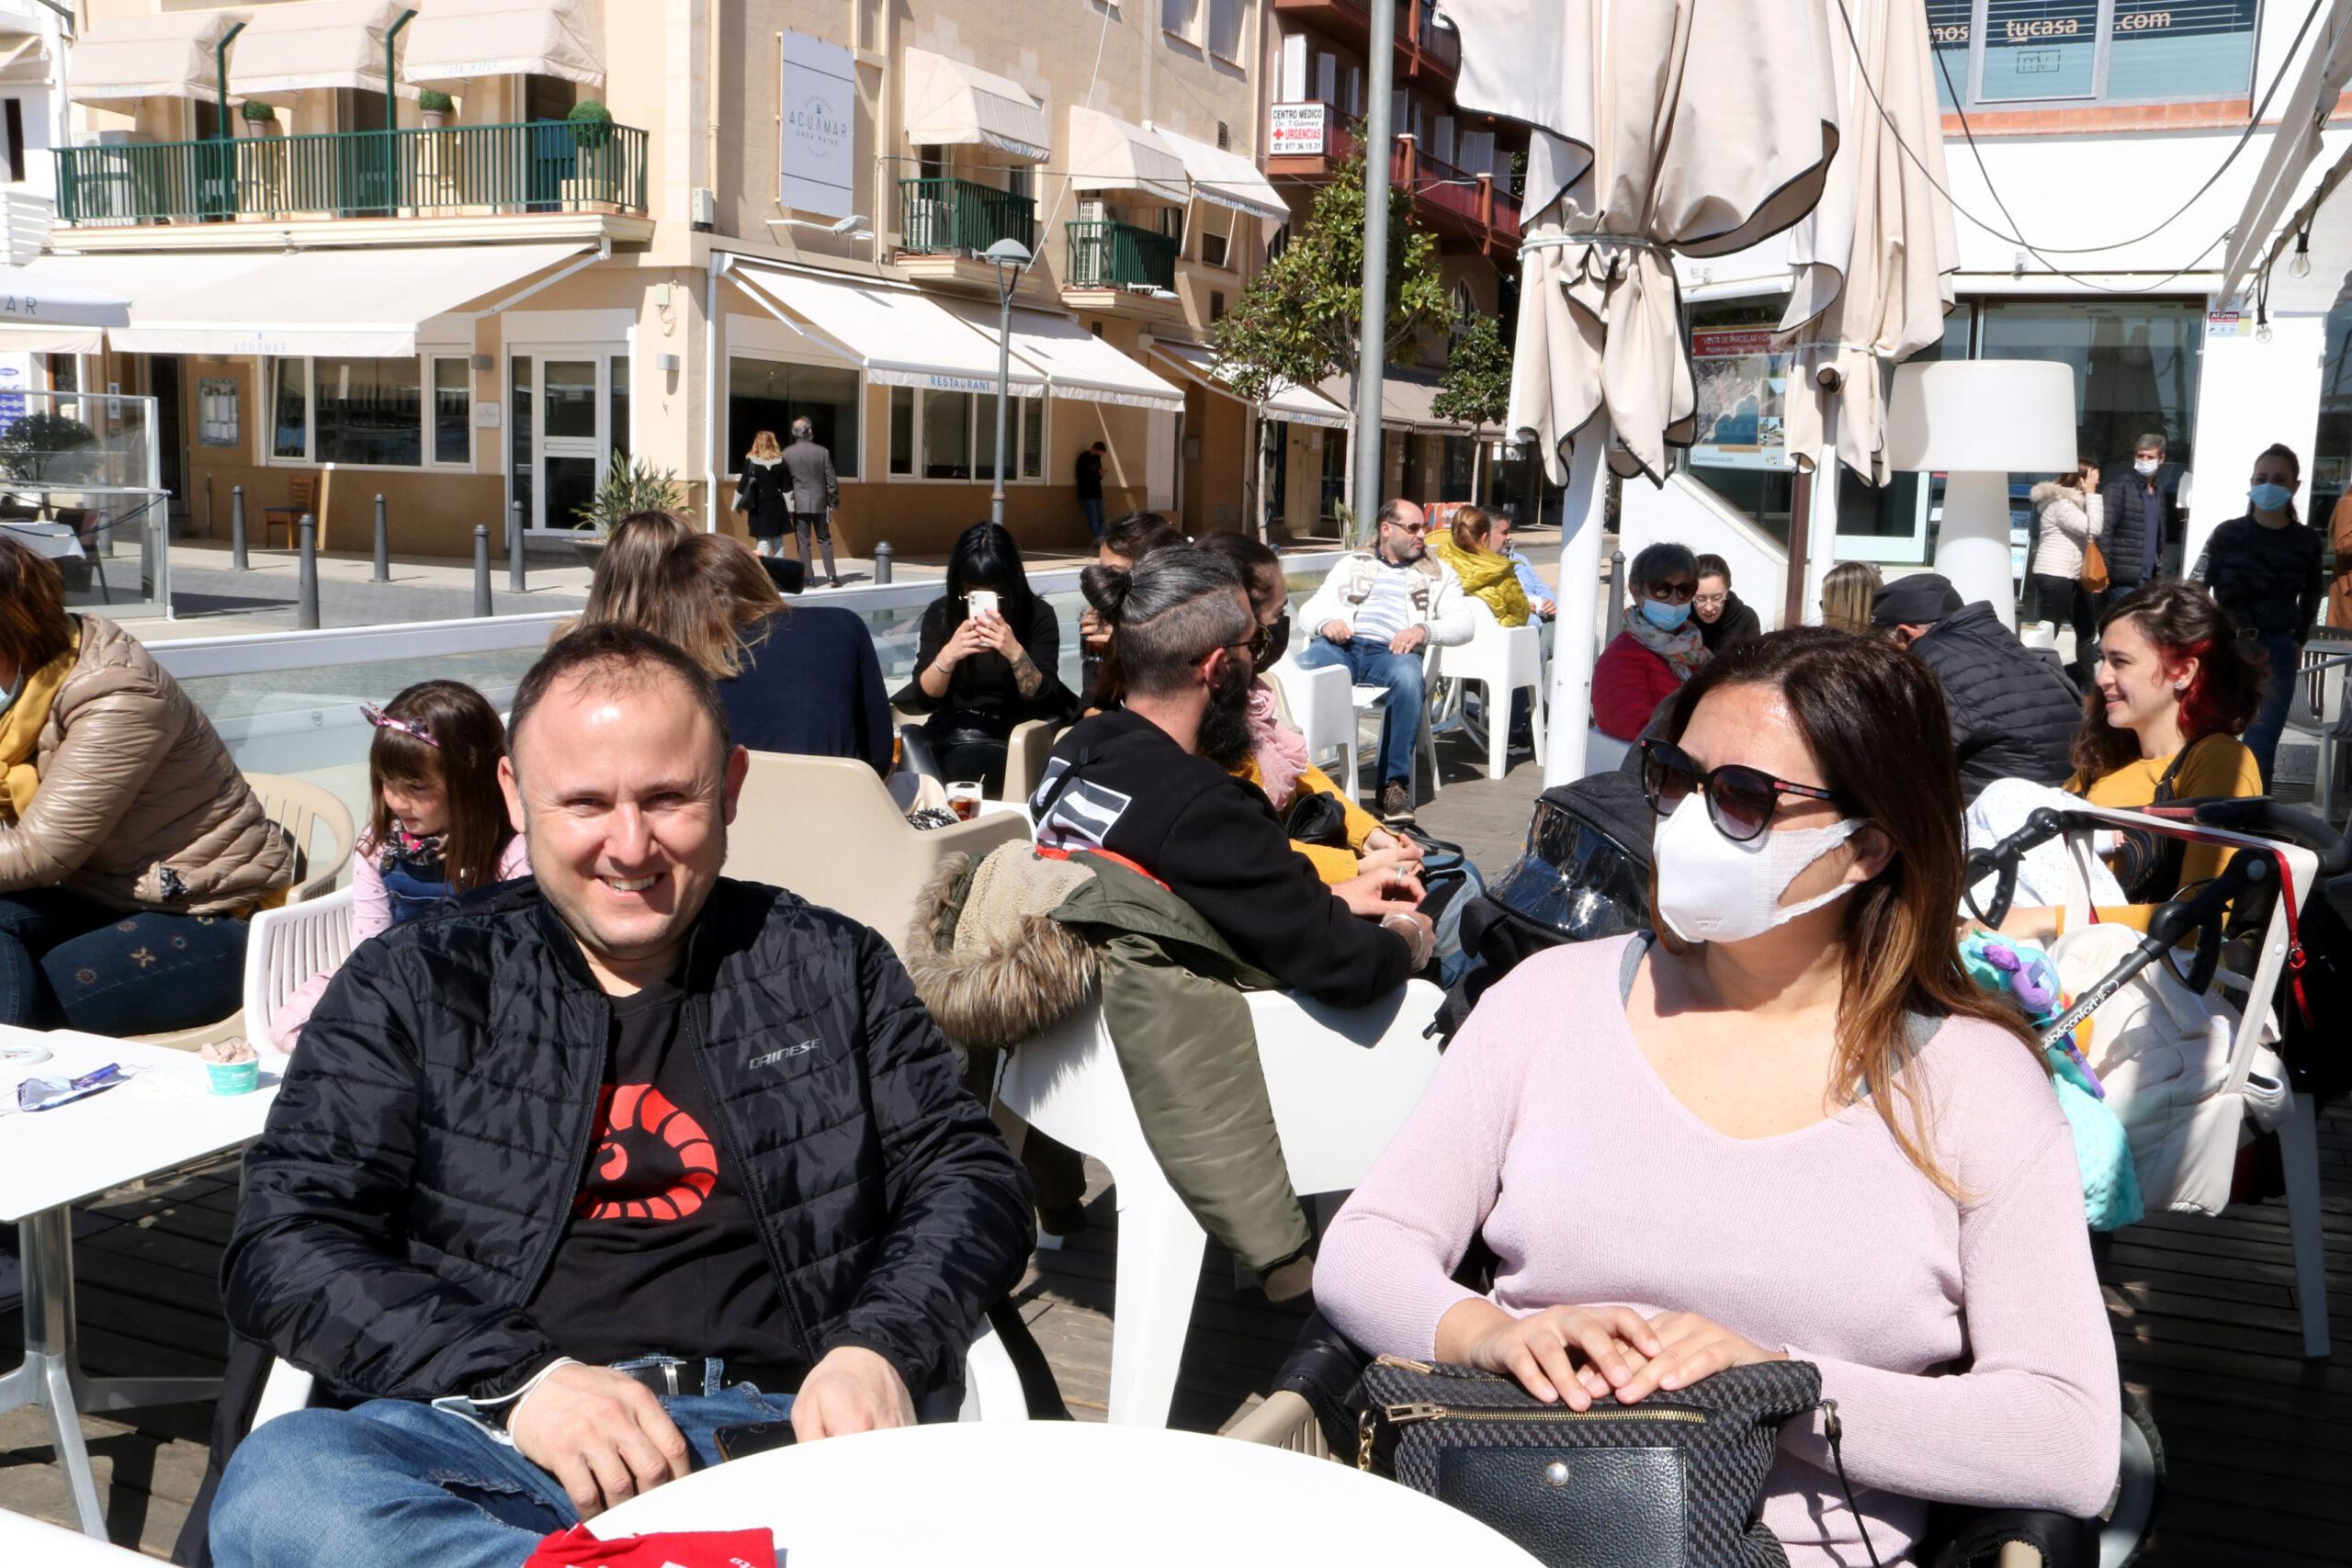 Persones assegudes a una de les terrasses dels bars del passeig marítim de Cambrils | ACN